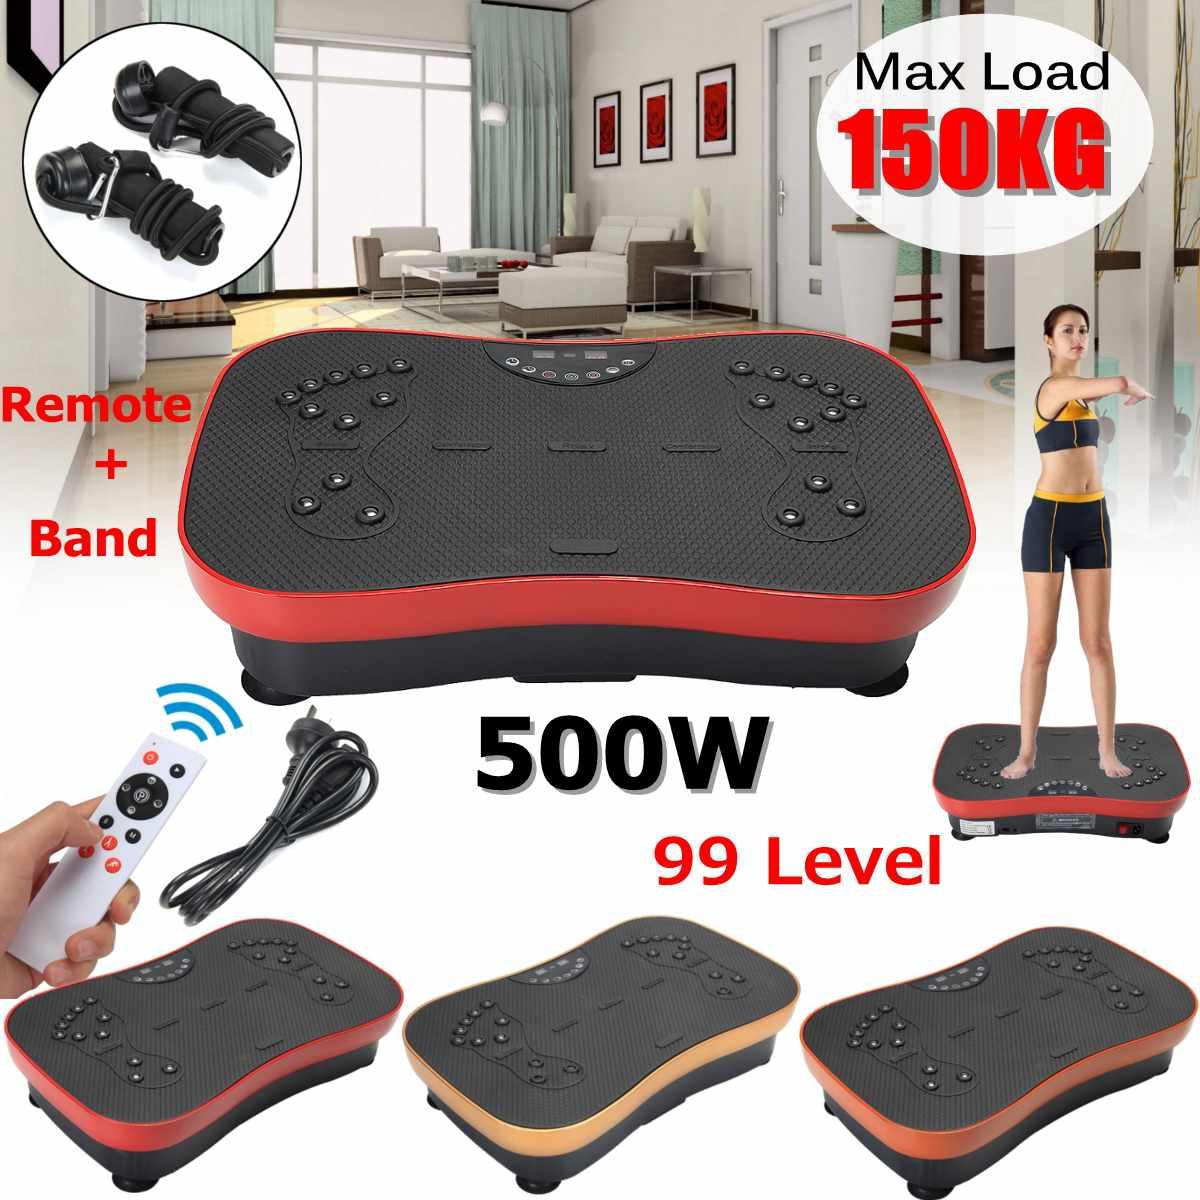 150 KG/330lb Plataforma Placa Trainer Exercício de Fitness Máquina de Vibração Fina Shaper Do Corpo com Bandas de Resistência